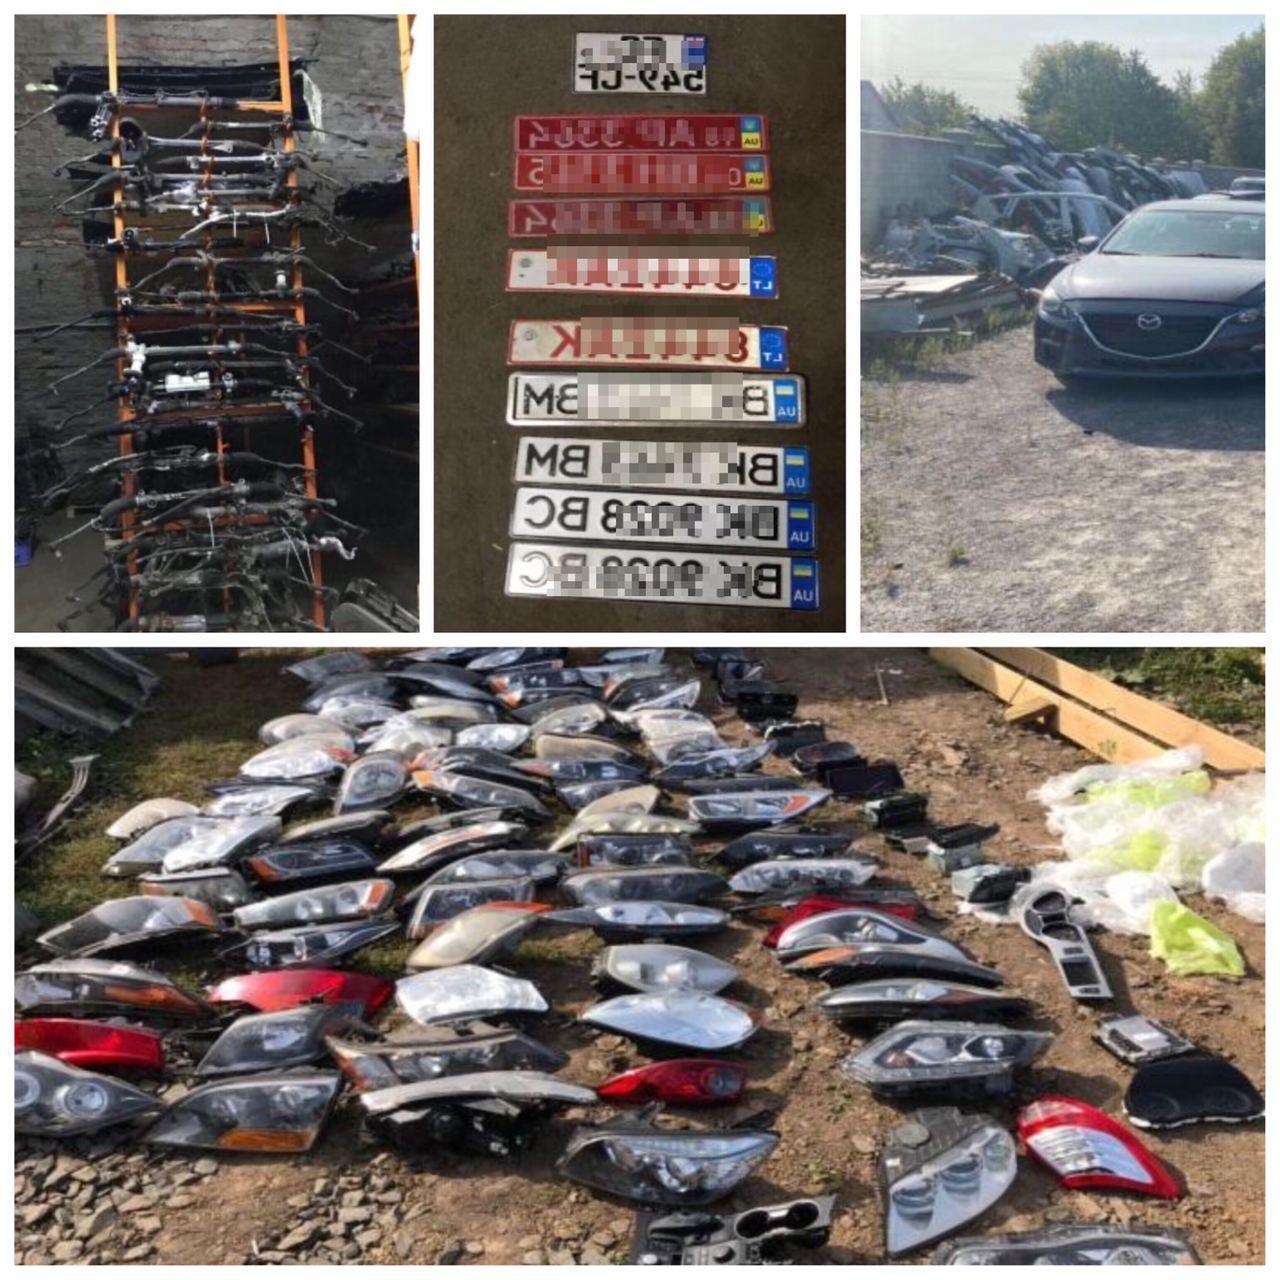 Во время обысков обнаружены номерные знаки, удостоверение водителя, комплекты ключей от авто, 88 фар